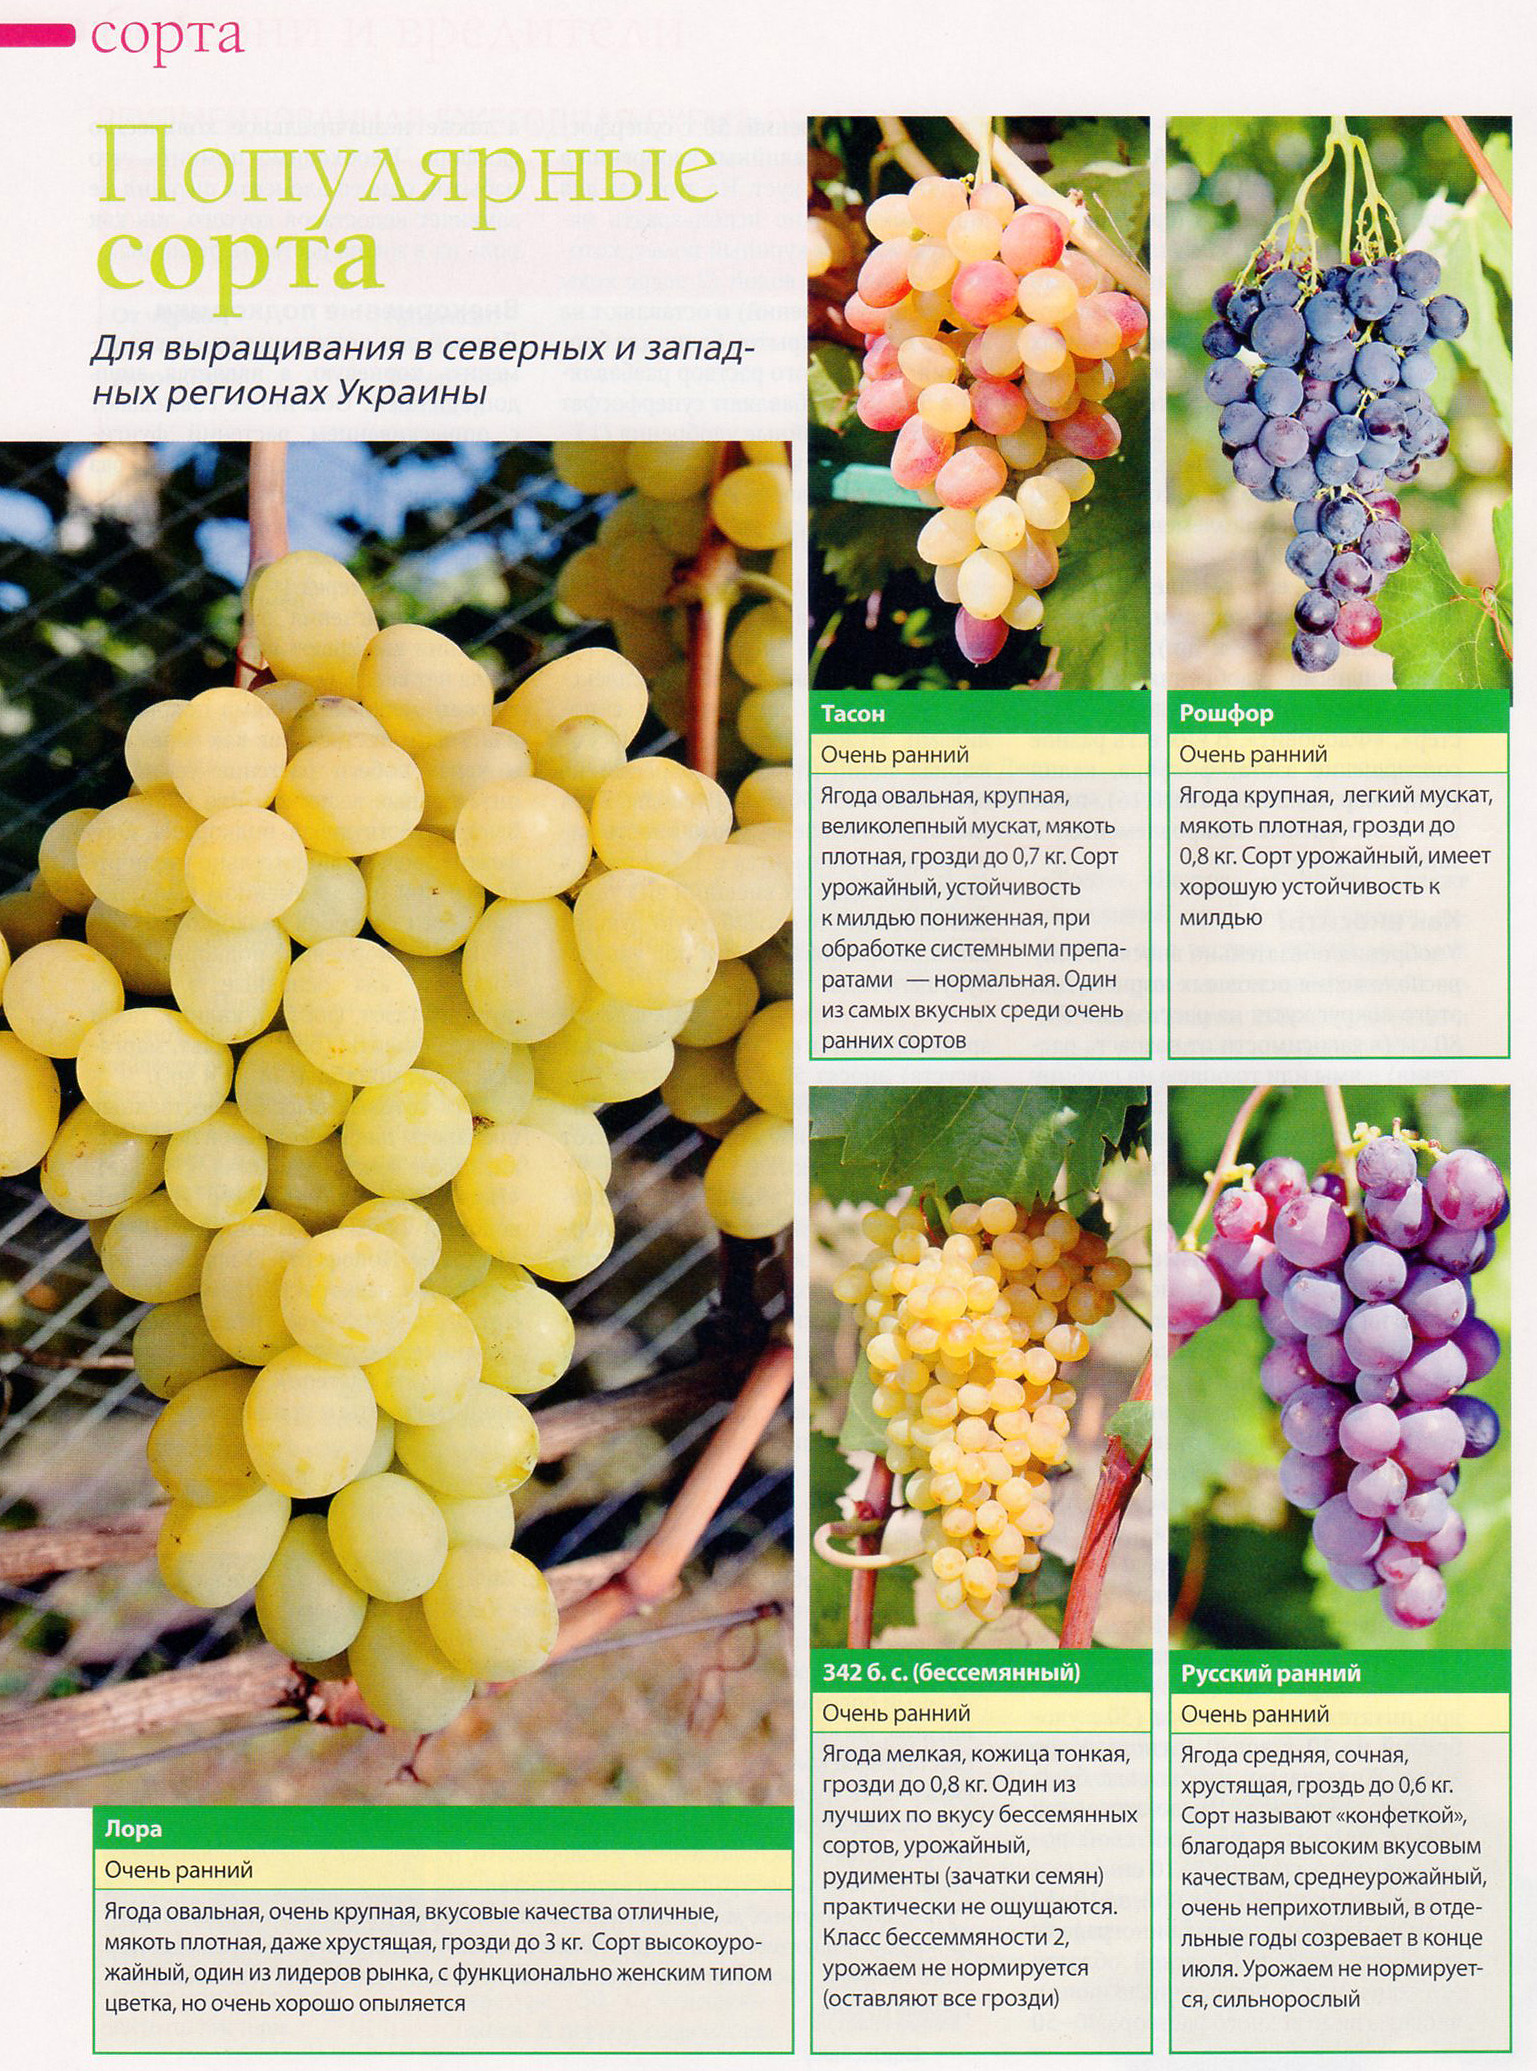 Столовый виноград «рошфор»